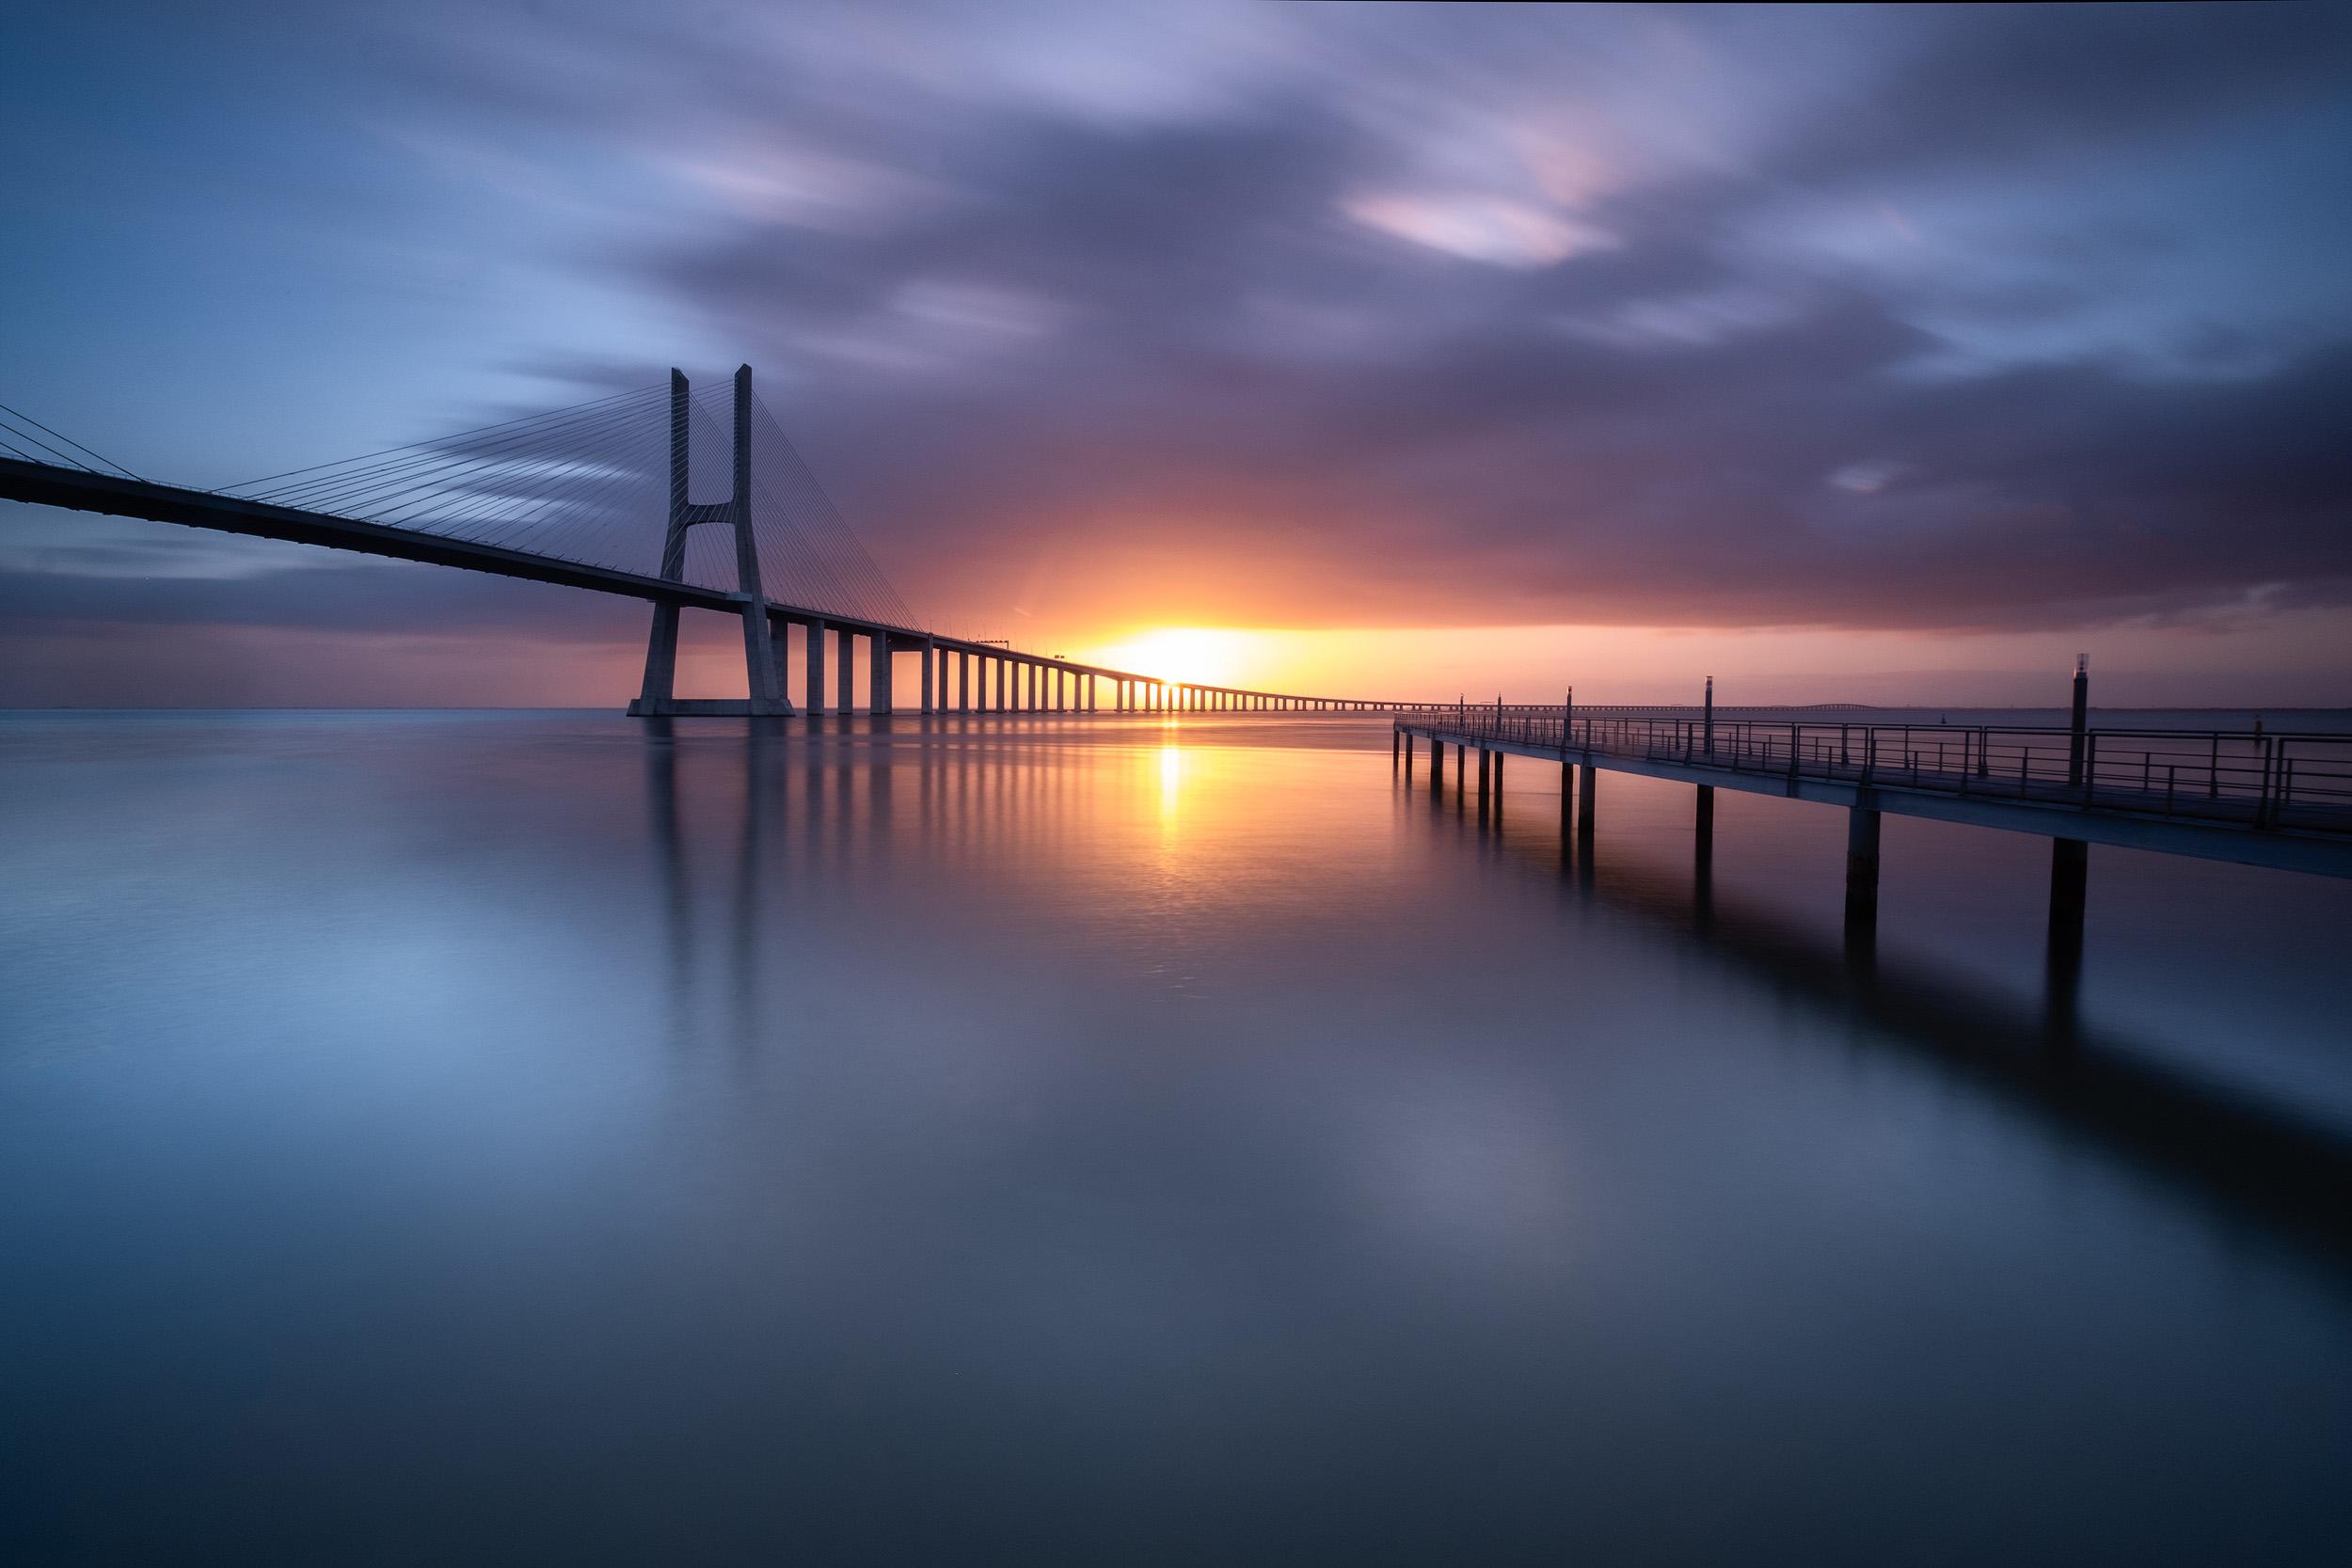 Vasco da Gama Dawn   The first light of morning at Vasco da Gama bridge in Lisbon, Portugal